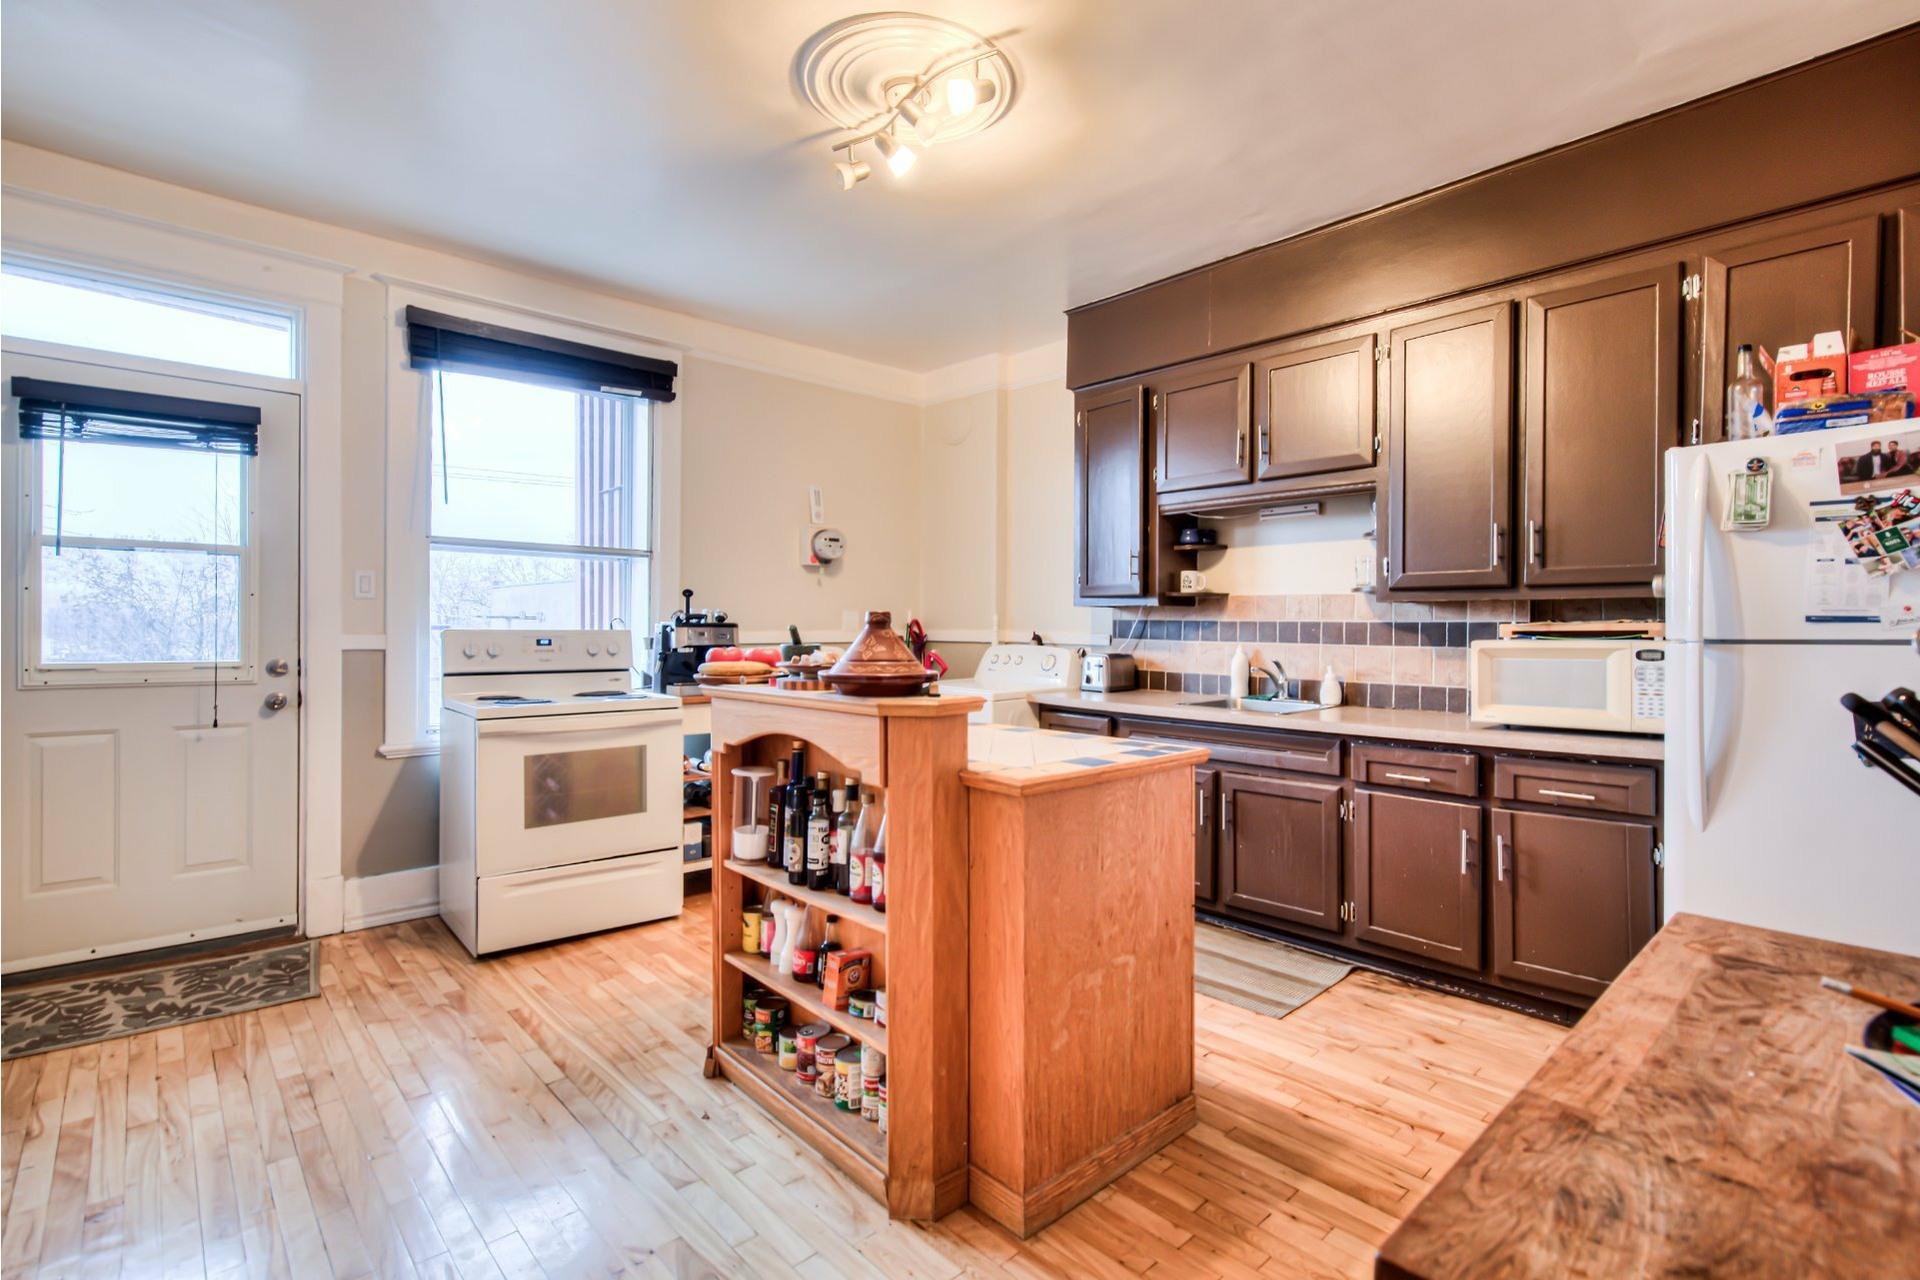 image 4 - Triplex For sale Le Sud-Ouest Montréal  - 4 rooms